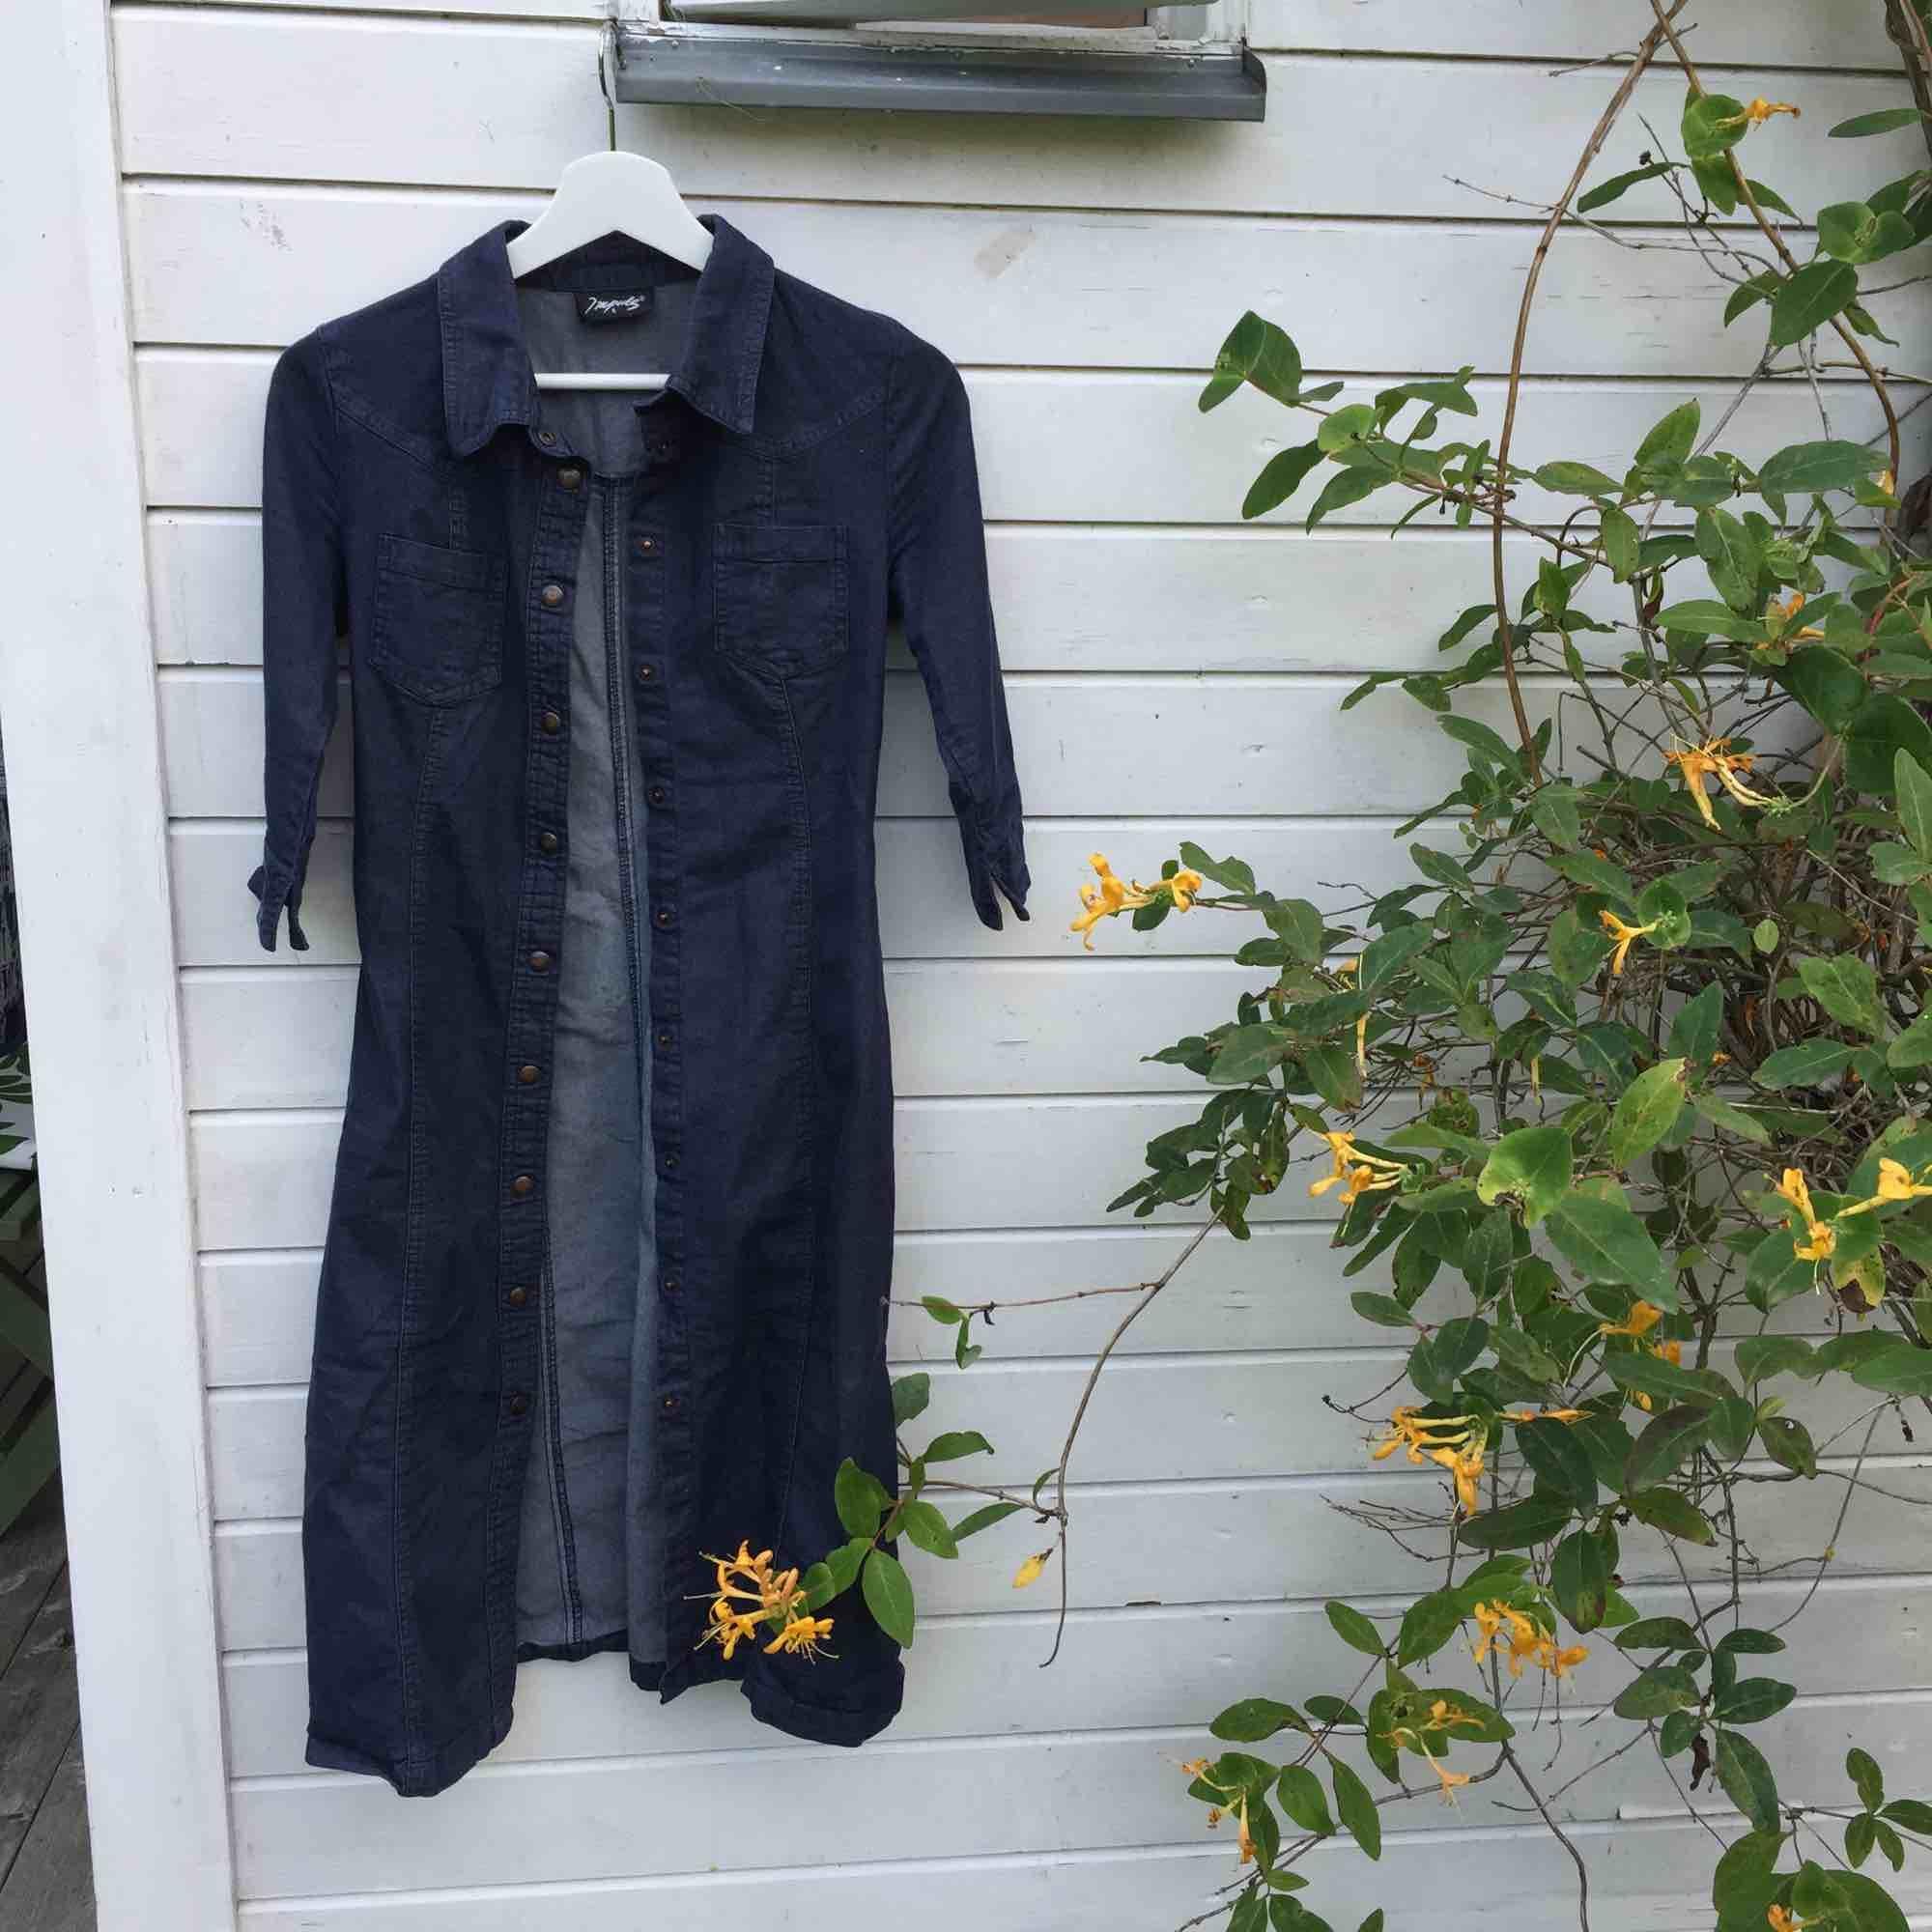 Snyggaste långa jeansklänningen från episka märket Impuls från HM på 90-talet. Stretchigt material och figurnära passform. Så fin och klassisk! 🦋. Klänningar.